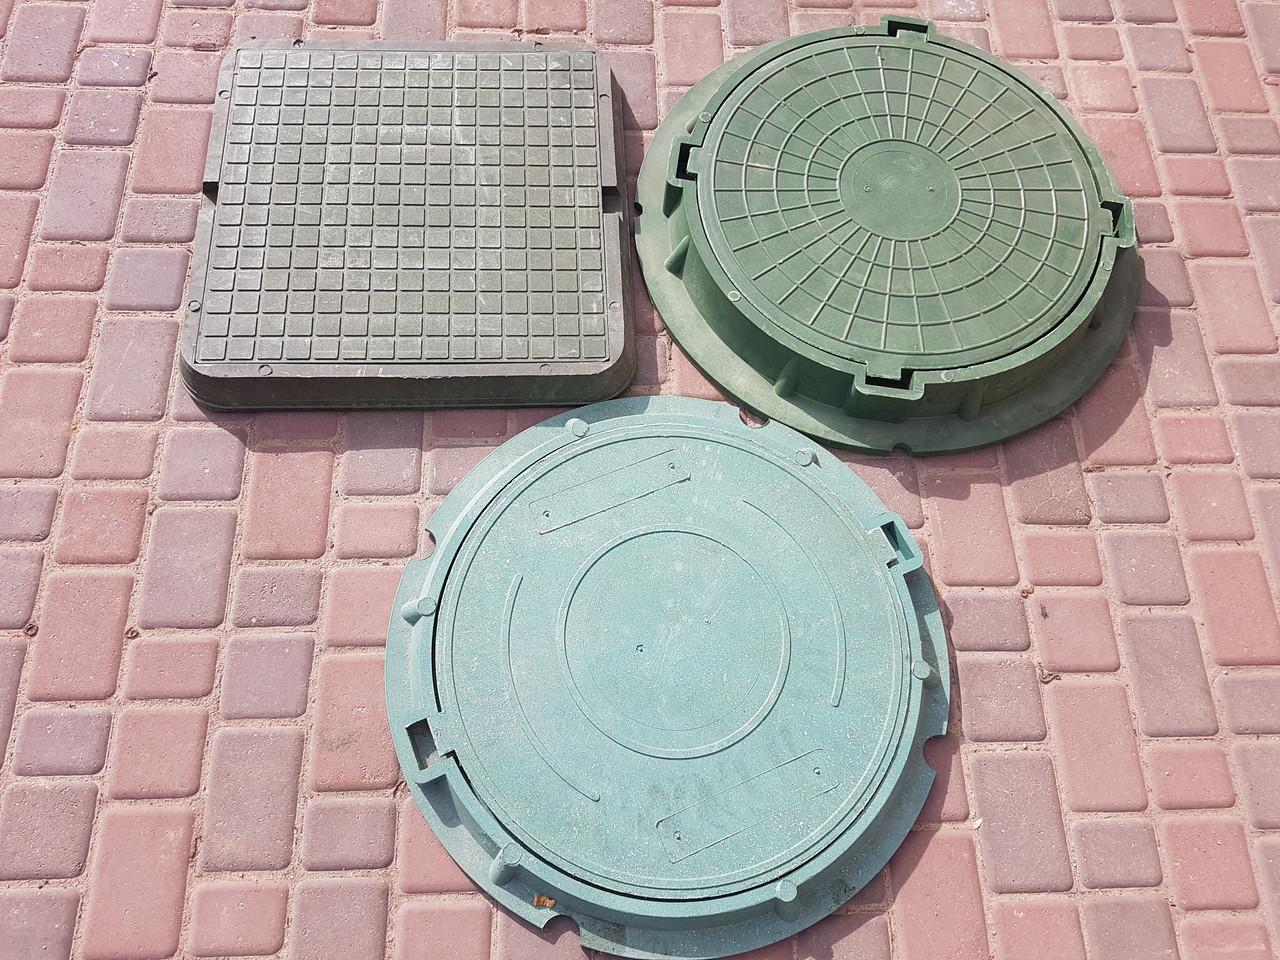 Канализационный люк: размеры, диаметр, установка и цена